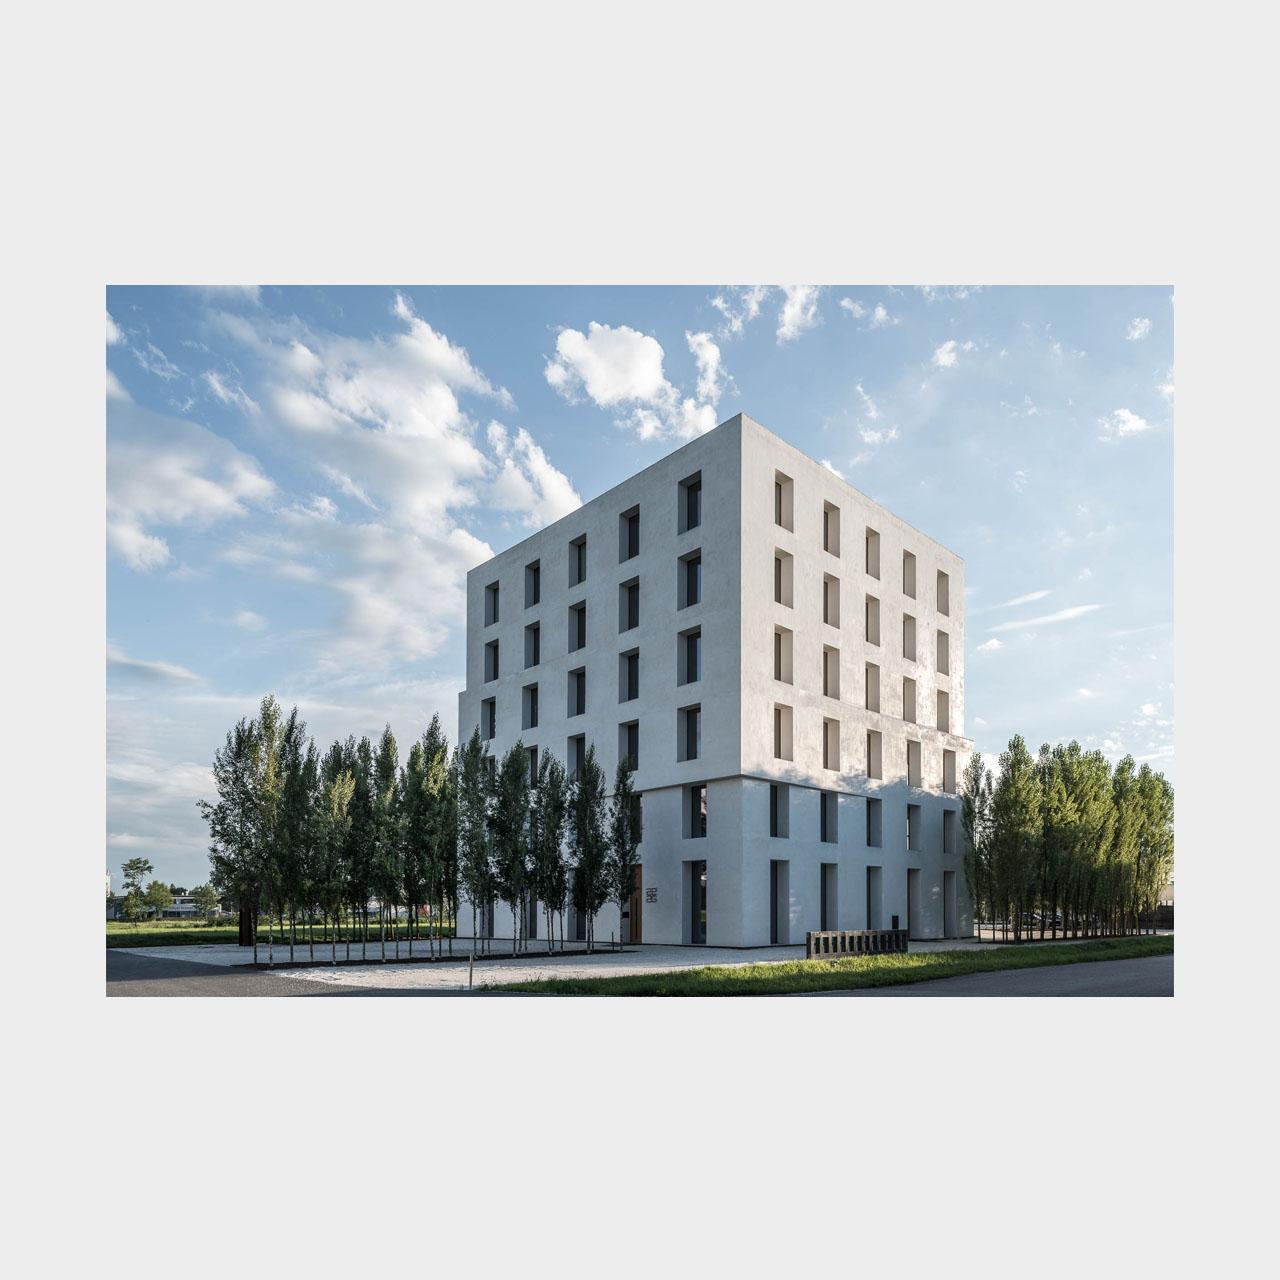 Architekturfotografie Bürogebäude 2226 Baumschlager Eberle Lustenau